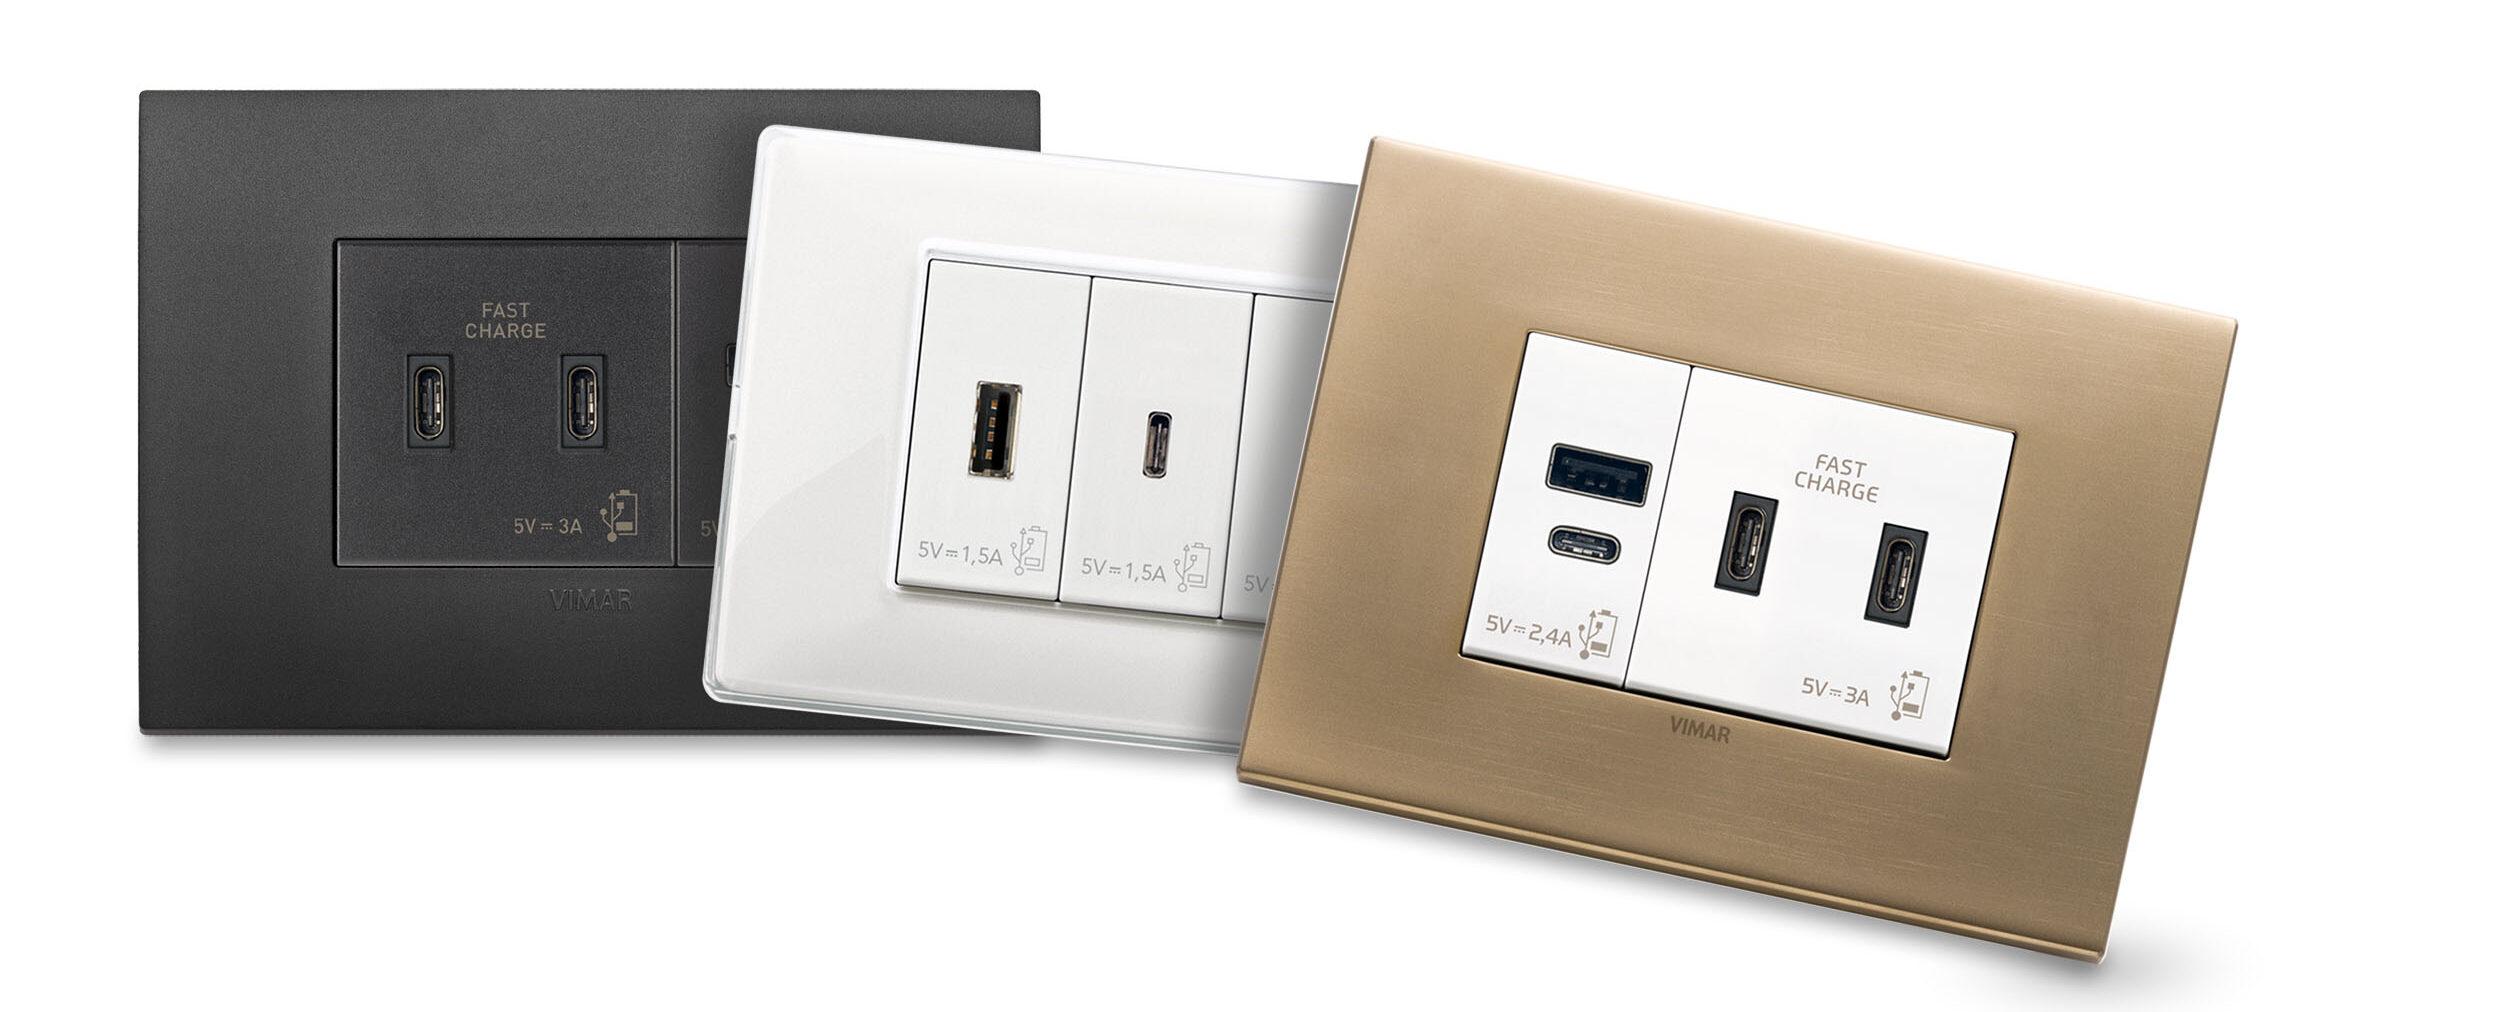 VIMAR presenta le nuove prese USB per ricarica e alimentazione dei dispositivi portatili